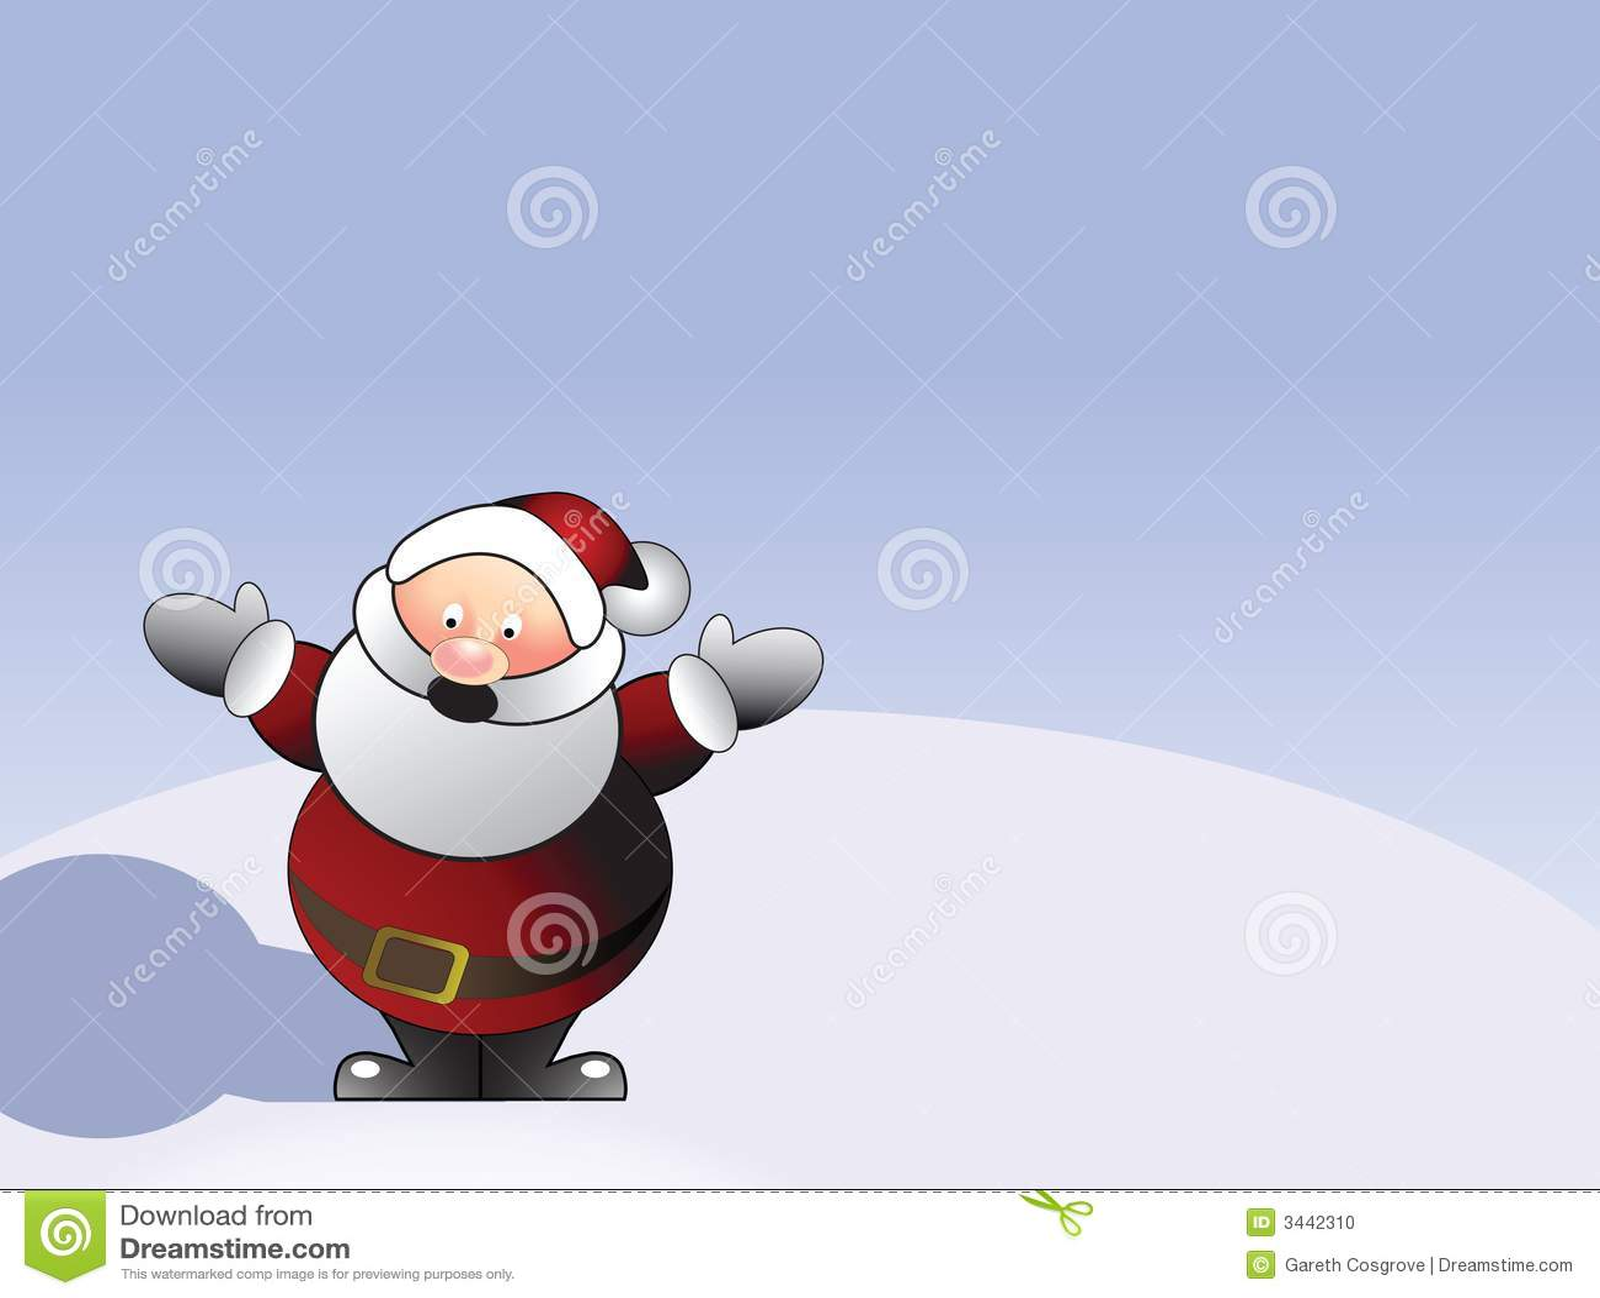 Illustrated Santa Claus